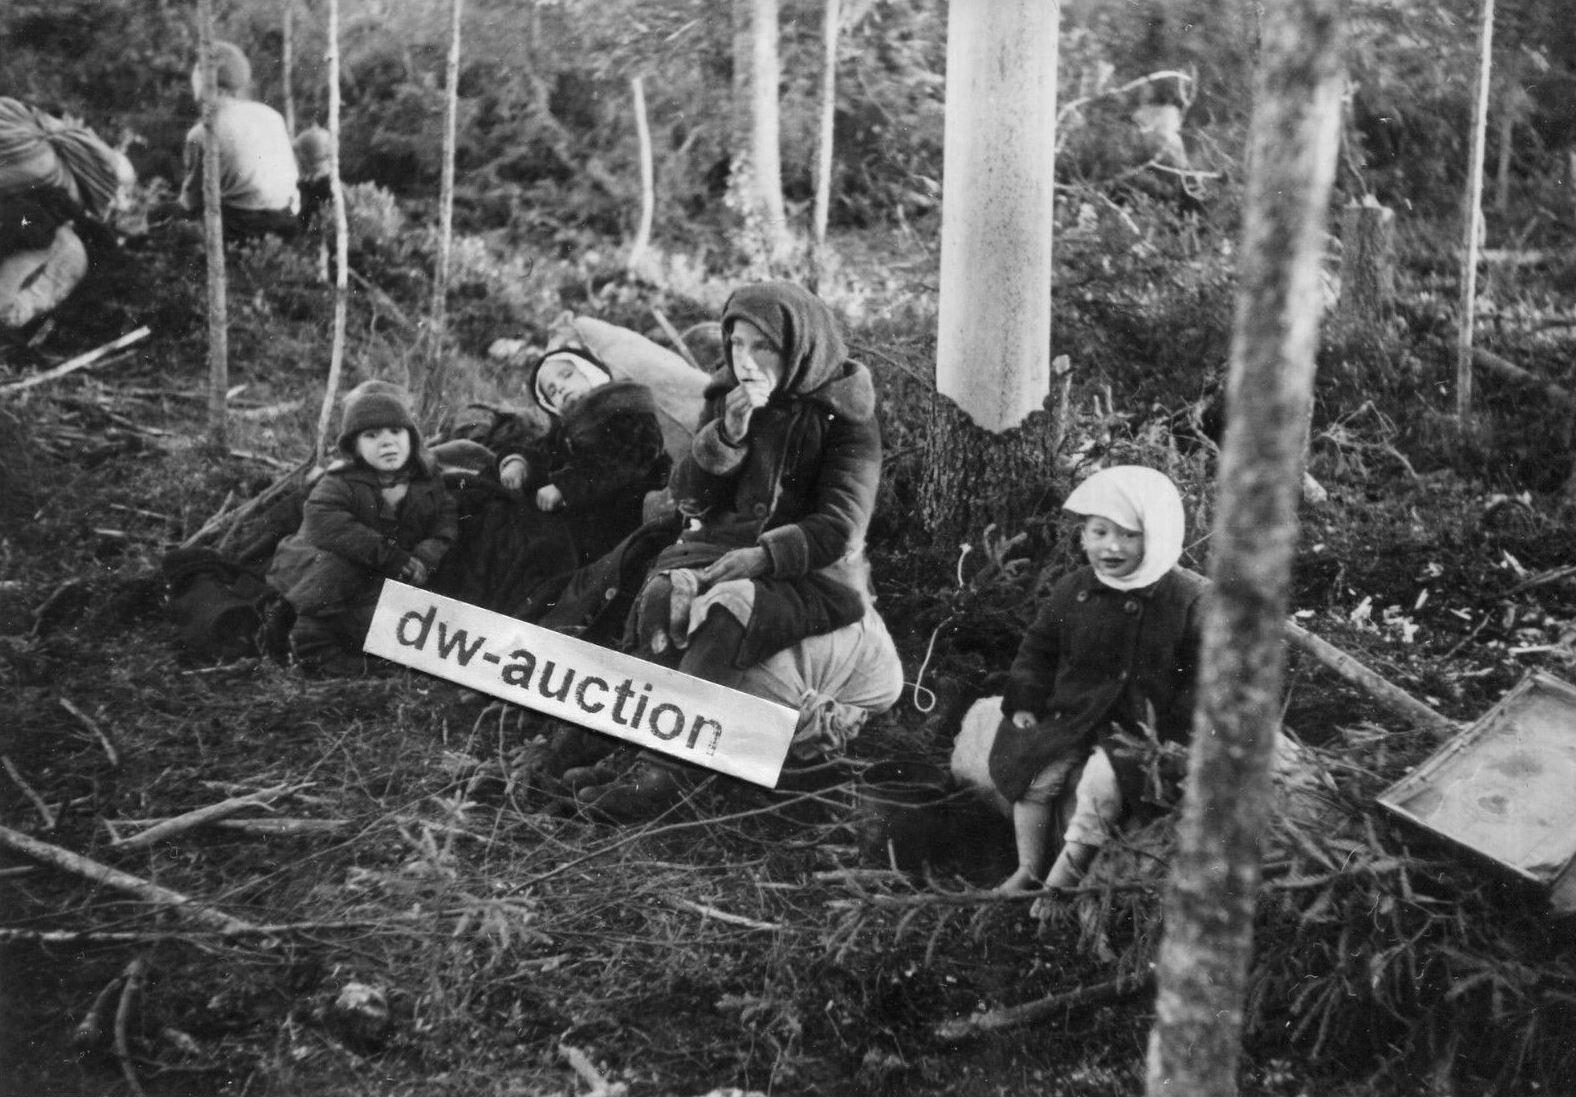 Местные жители, вышедшие в расположение немецких войск из зоны окружения. Район Волхова, 1942 год.